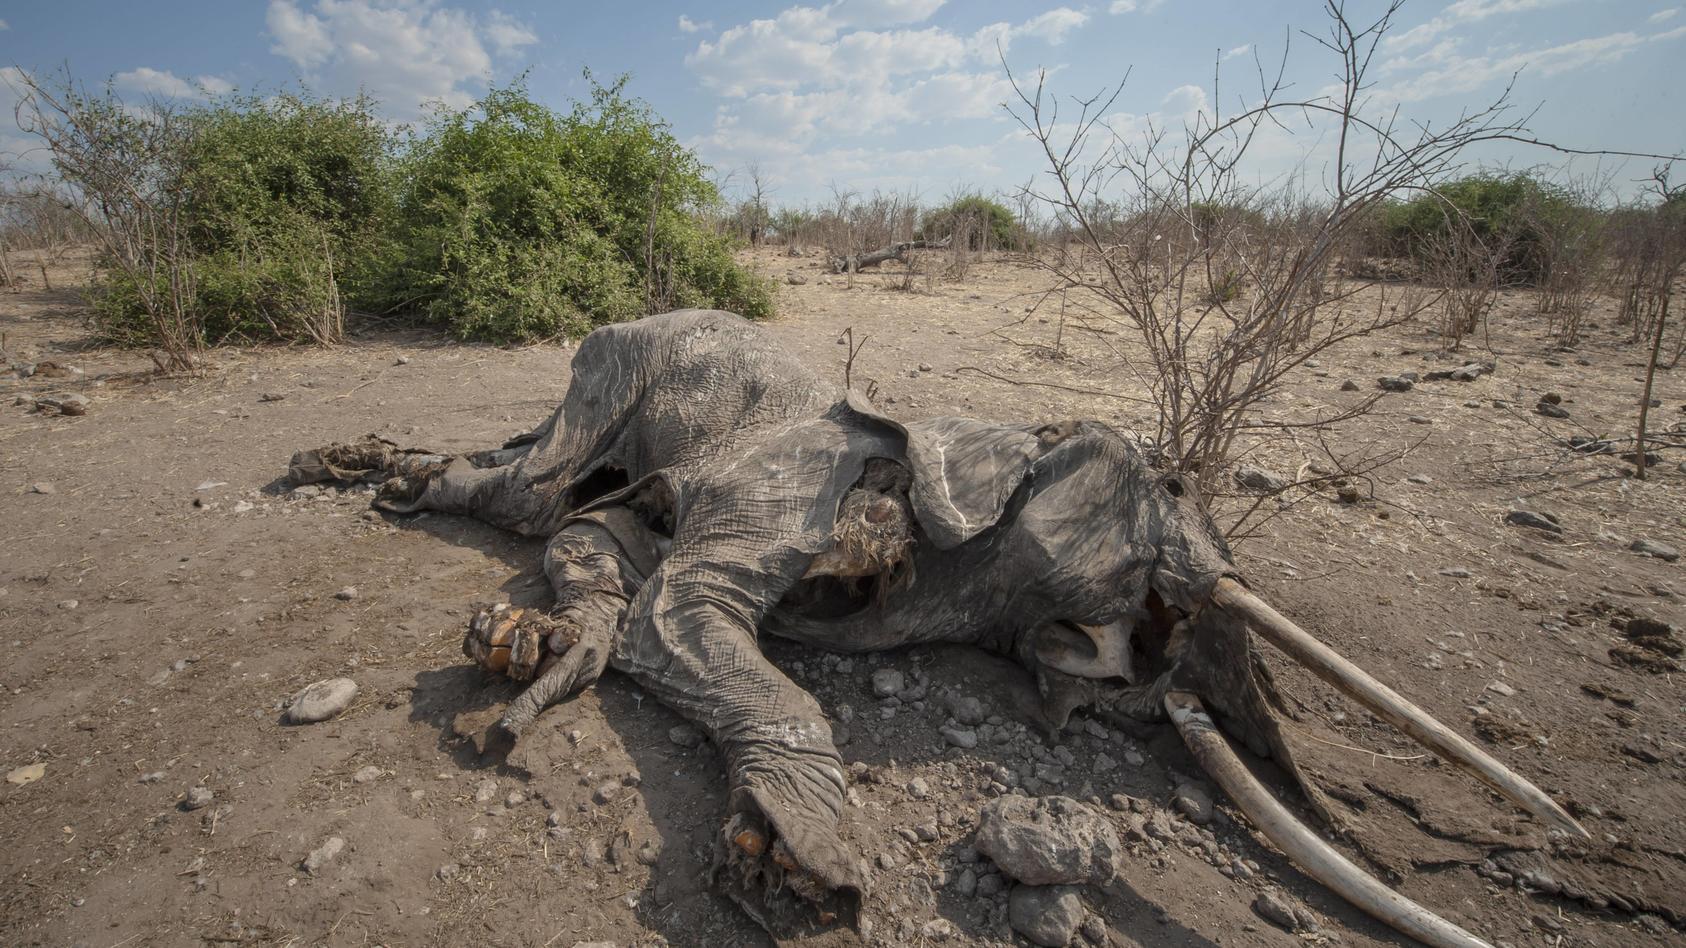 Ein vermutlich an Milzbrand verendeter Afrikanischer Elefant (Loxodonta africana), Chobe Waterfront, Chobe-Nationalpark